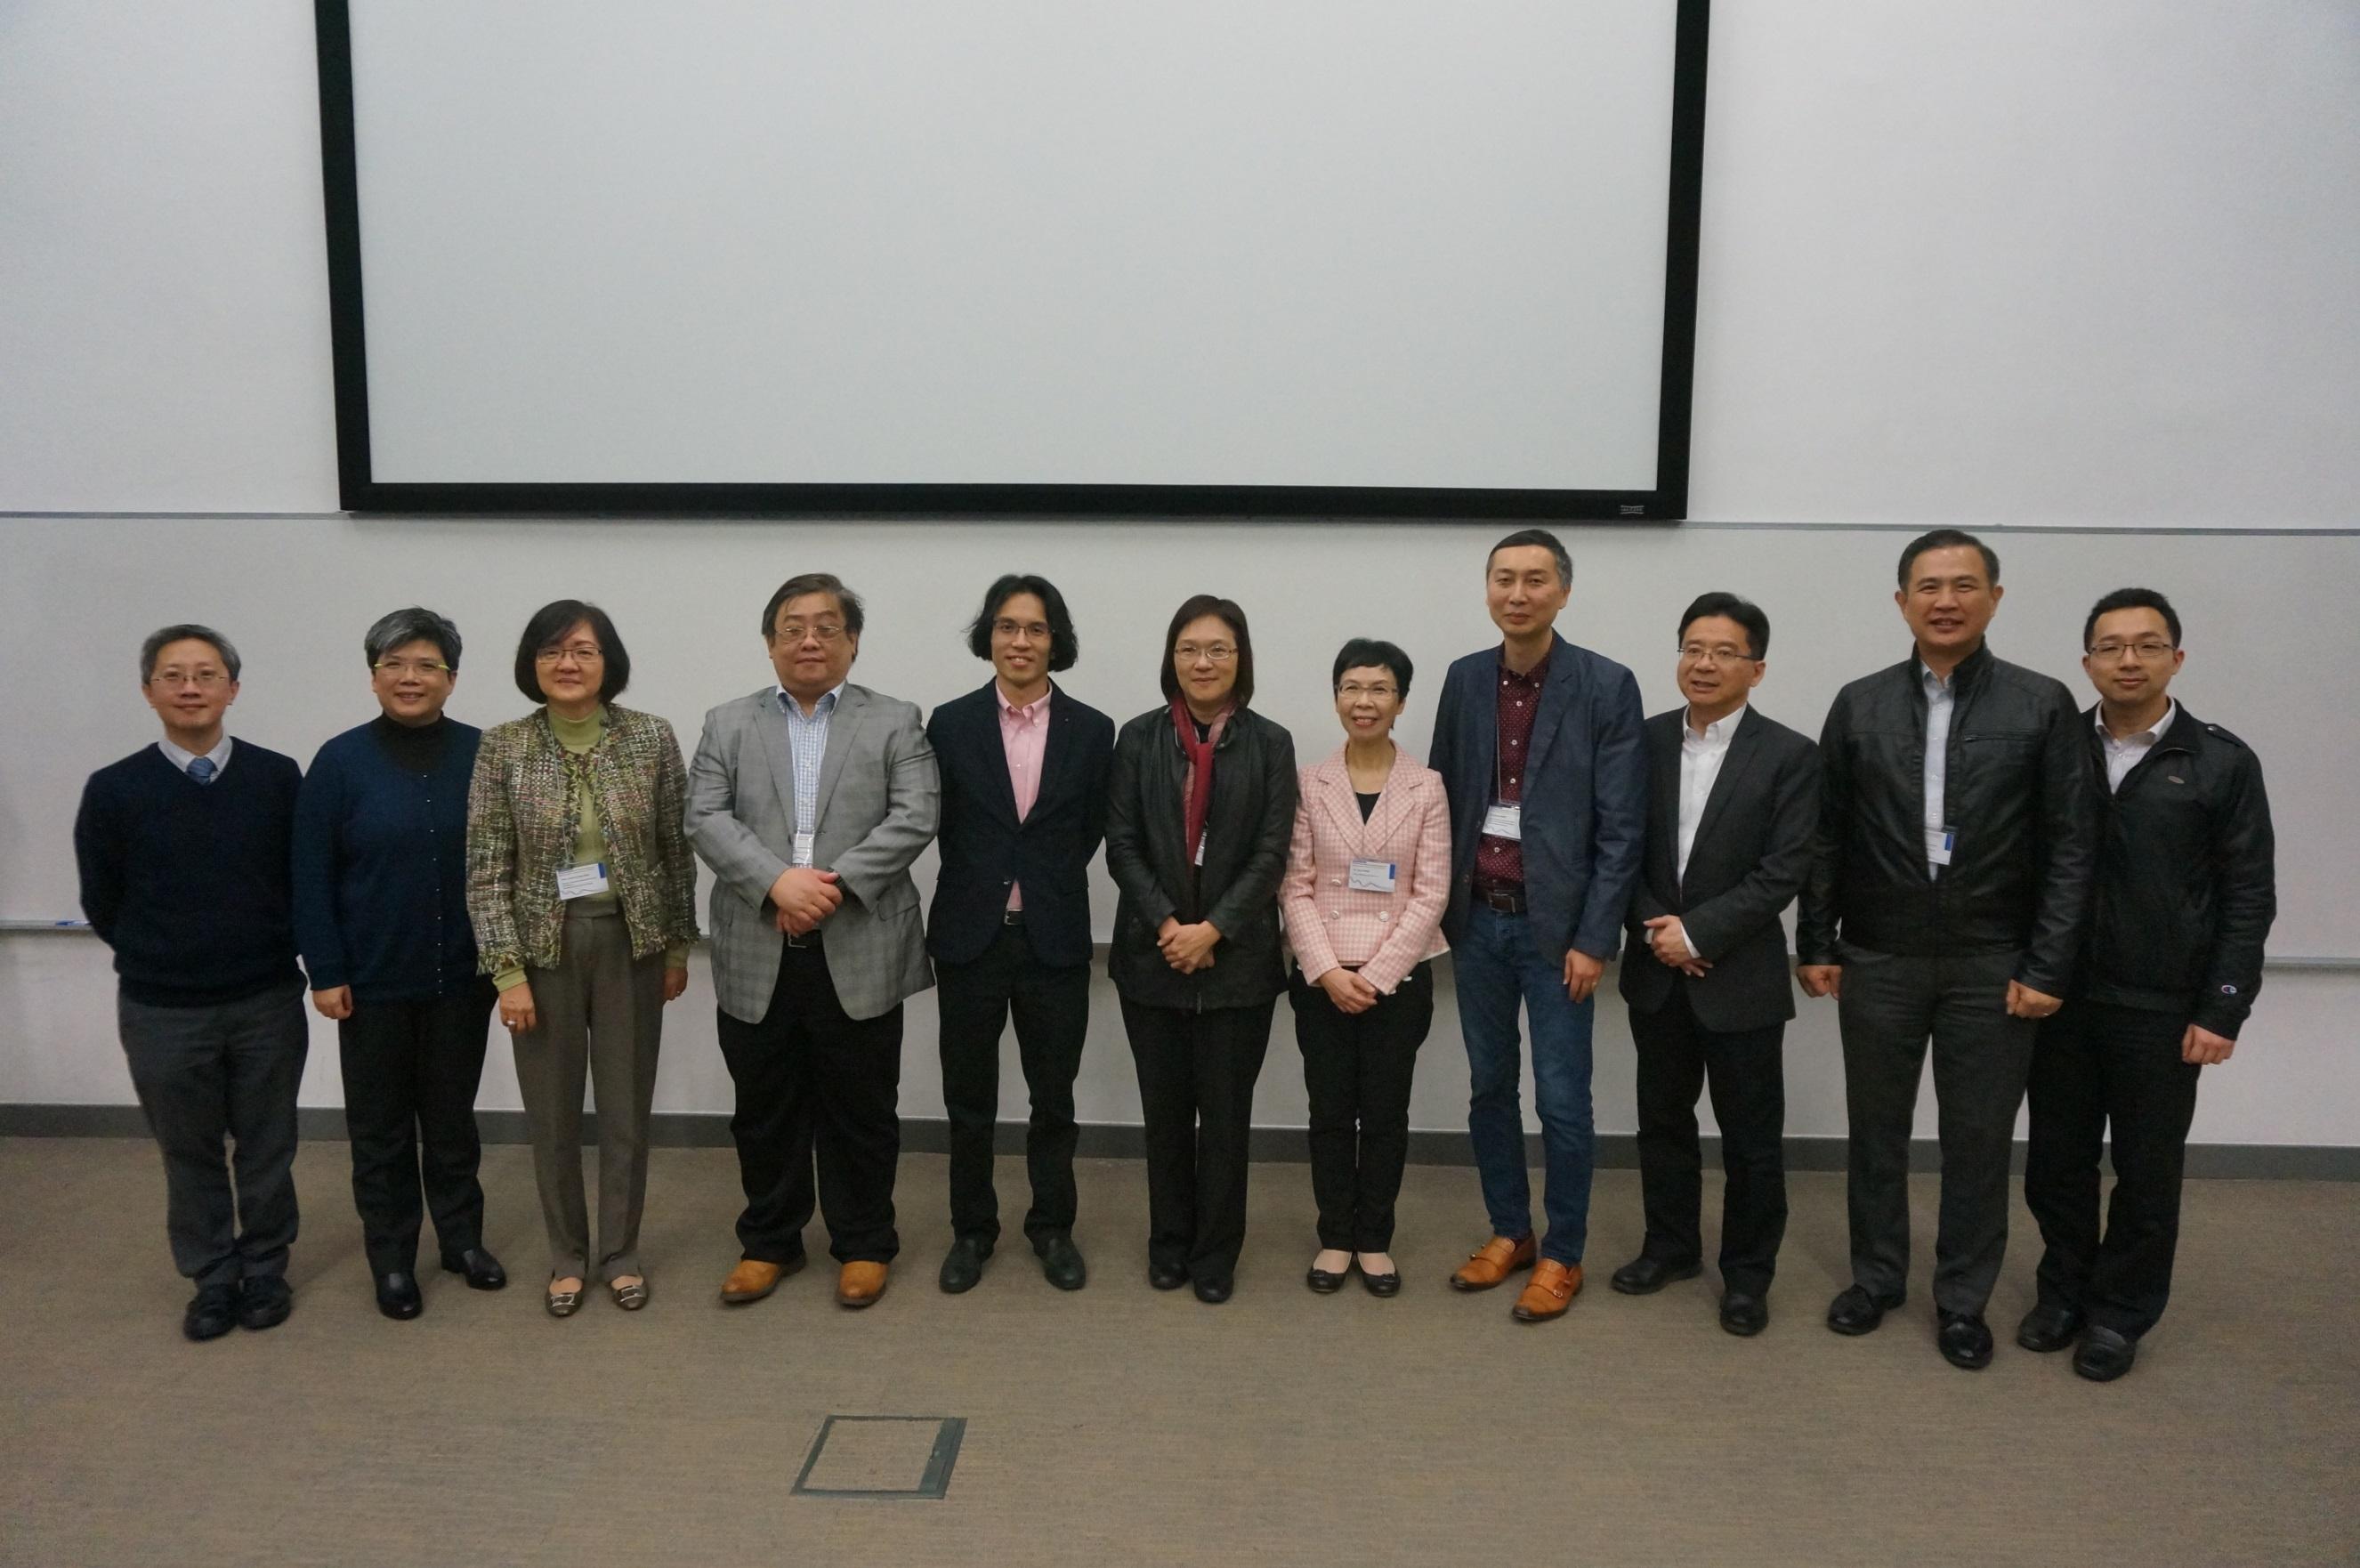 中大副校長潘偉賢教授 (中) 與嘉賓、演講者及籌委會成員合影留念。